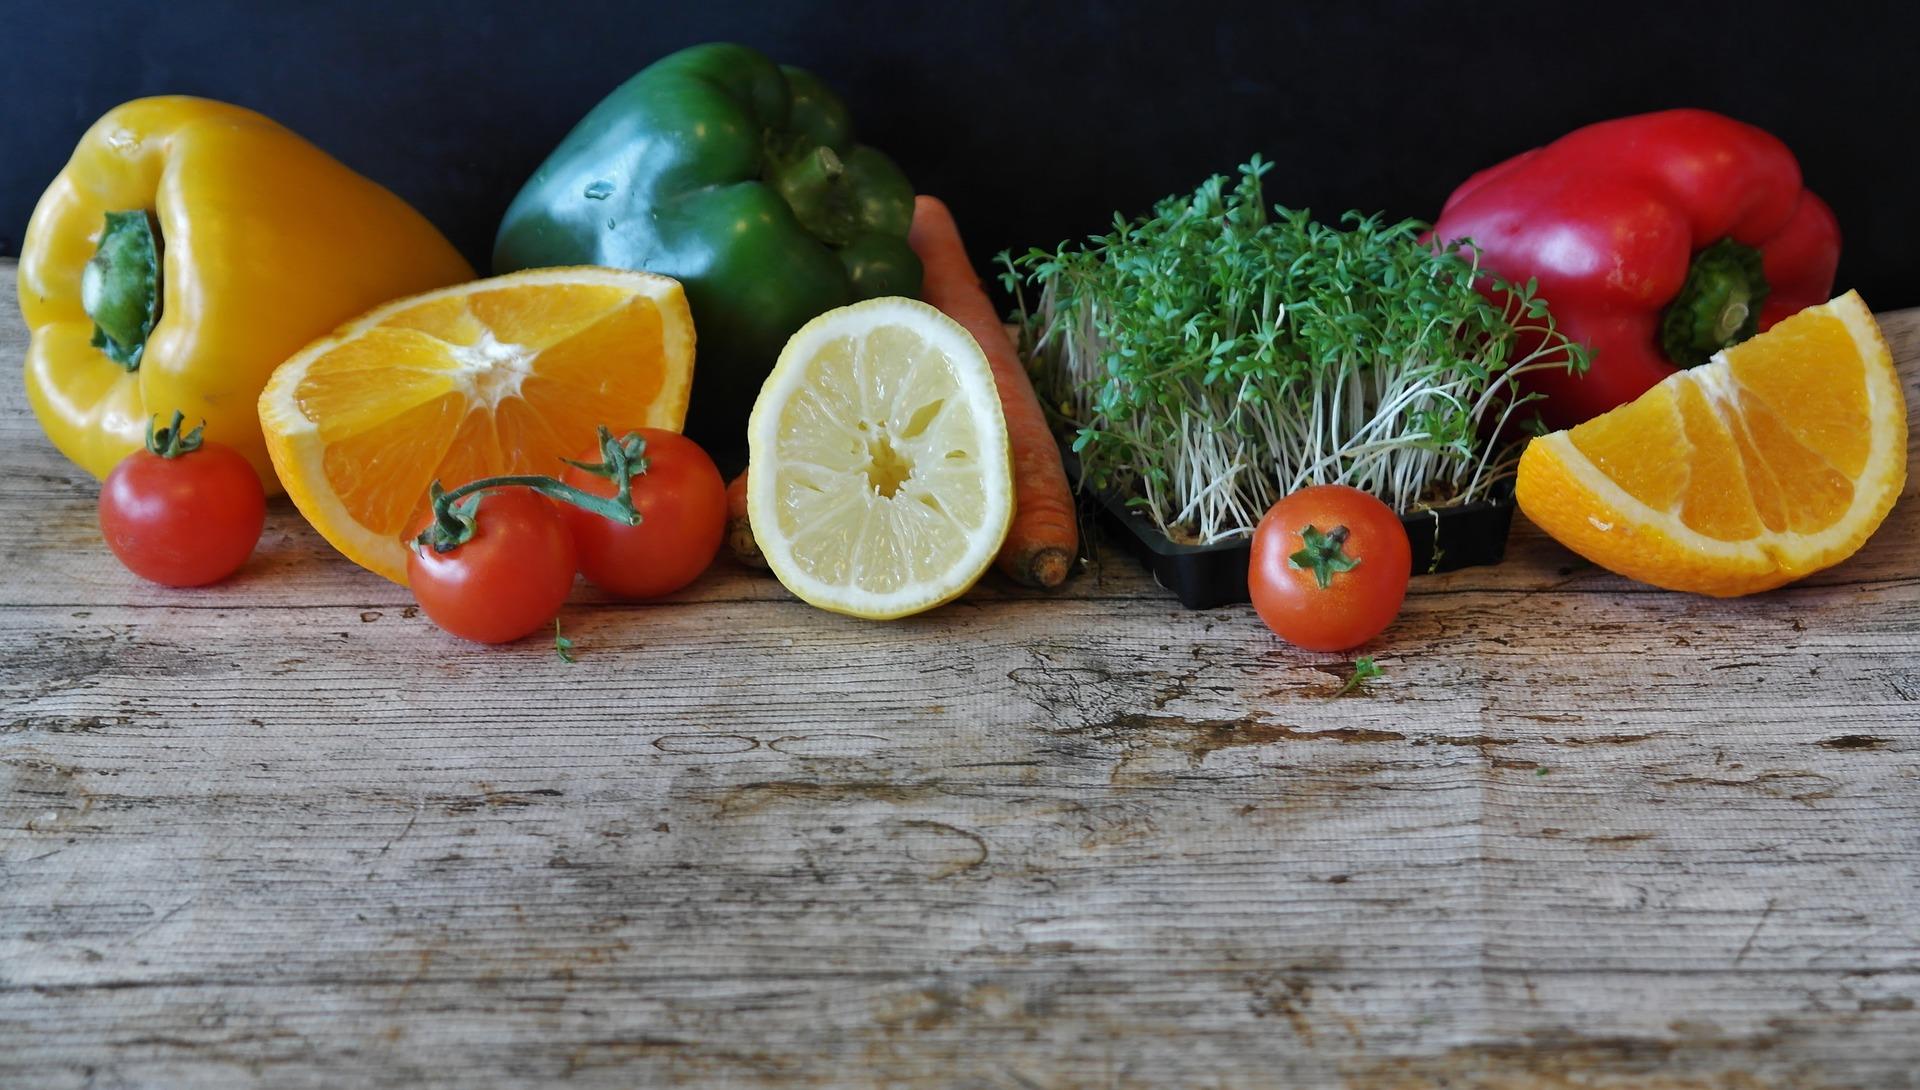 Studentenkeuken - Waar kan ik het beste inspiratie vandaan halen voor eten?